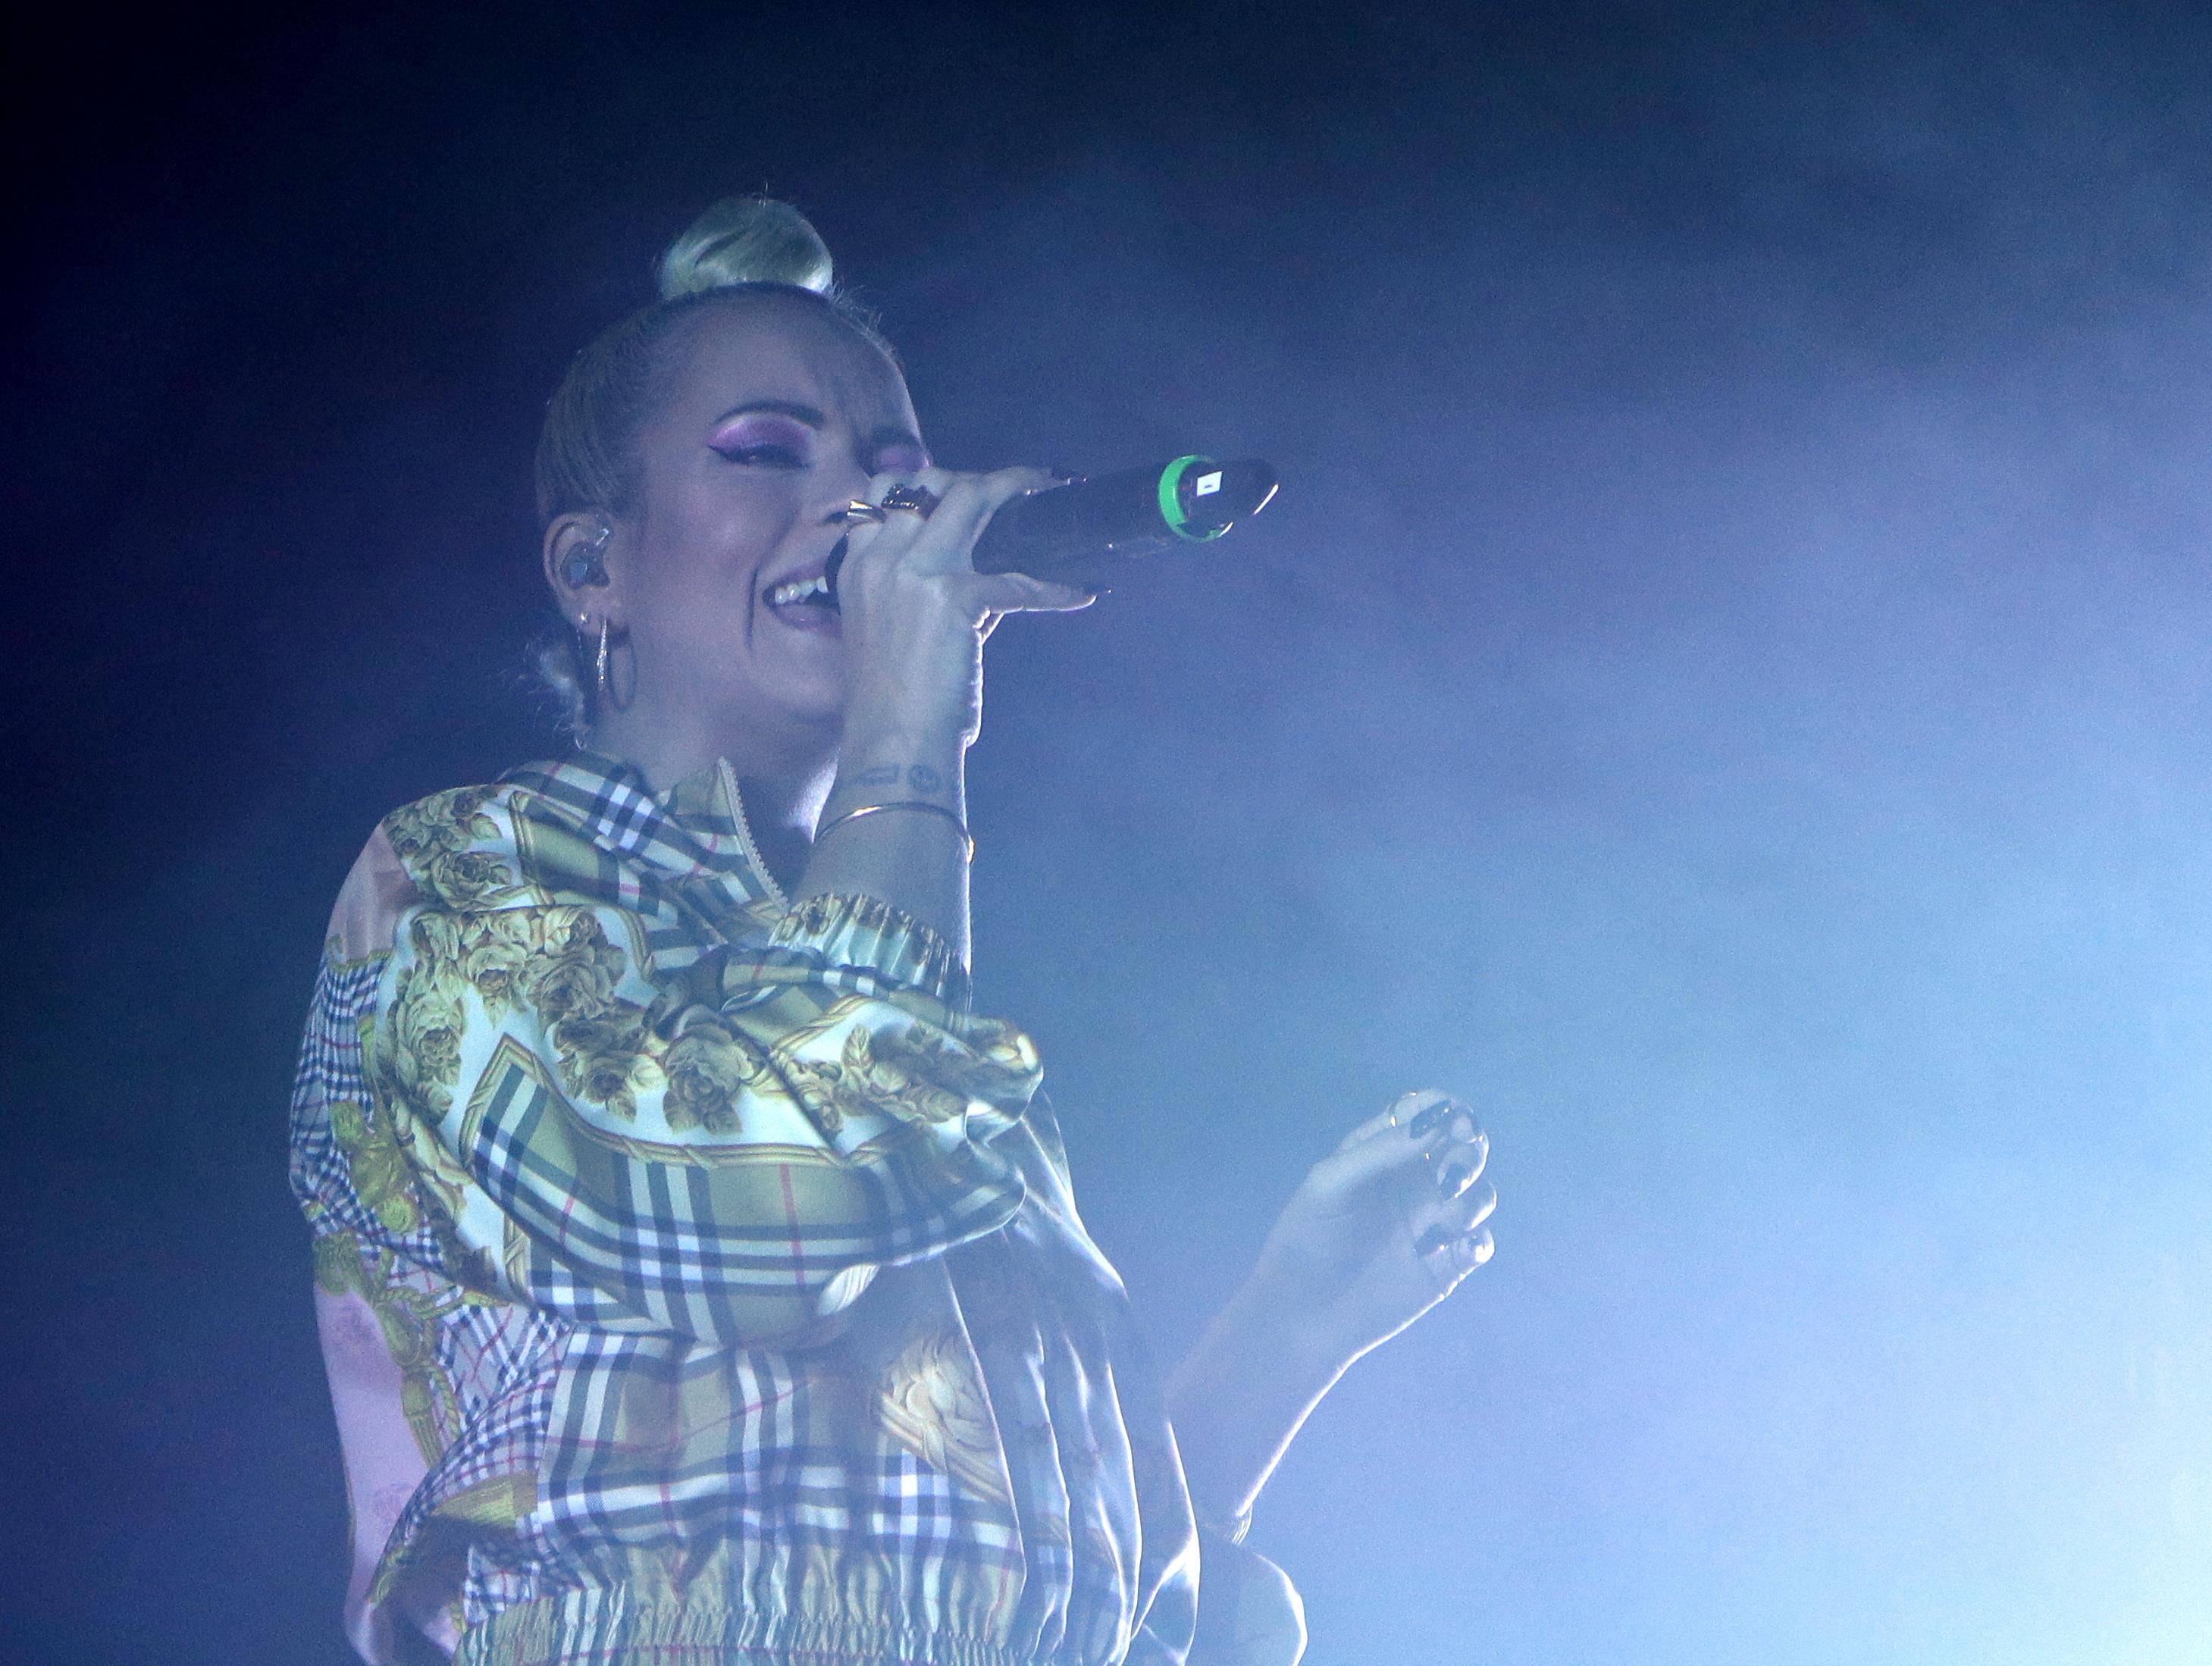 Fotos und Konzertbereicht zu Lily Allen in Berlin gibt es auf Pop Ate My Heart